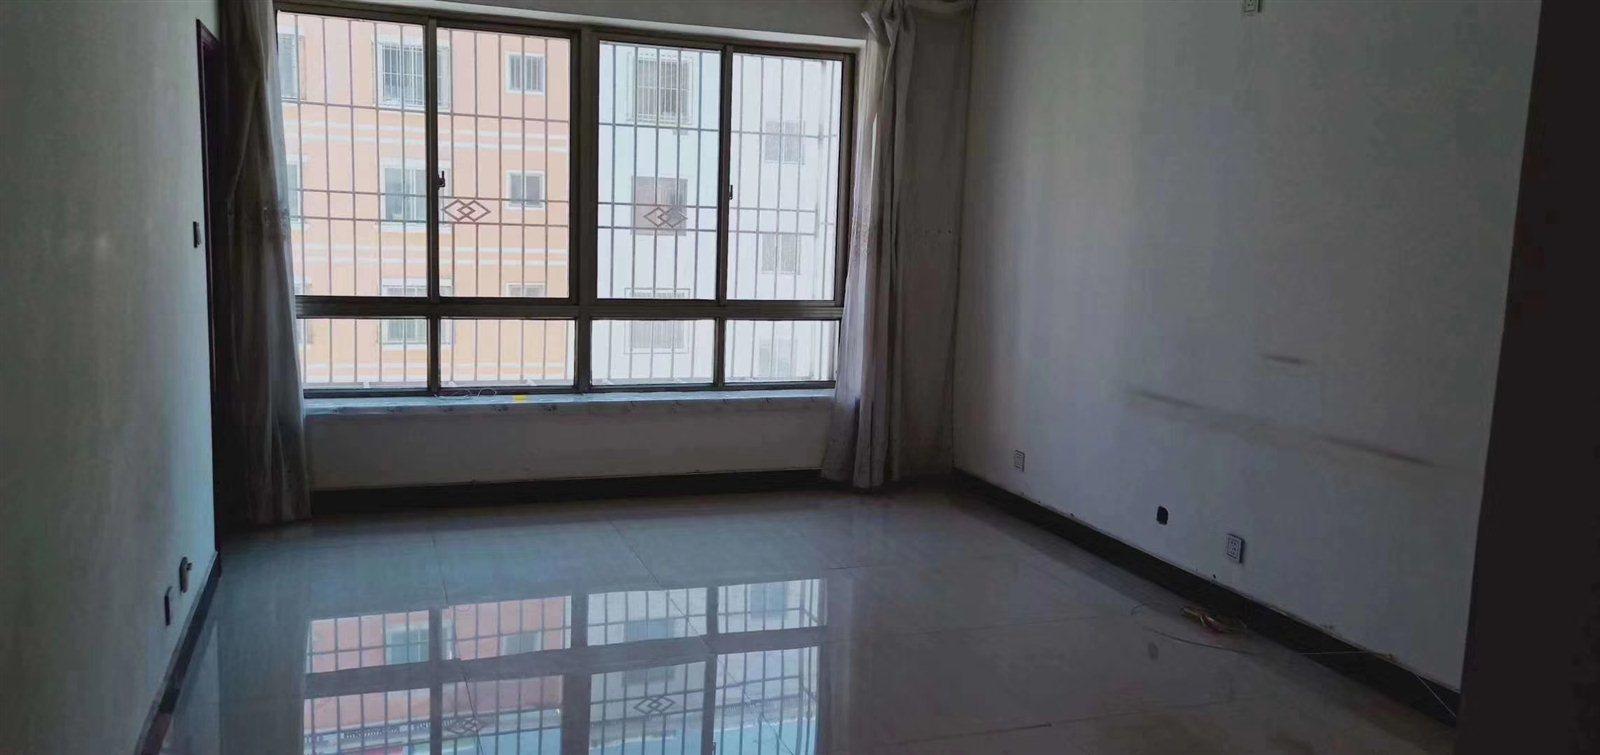 文化小区2室 2厅 1卫36万元